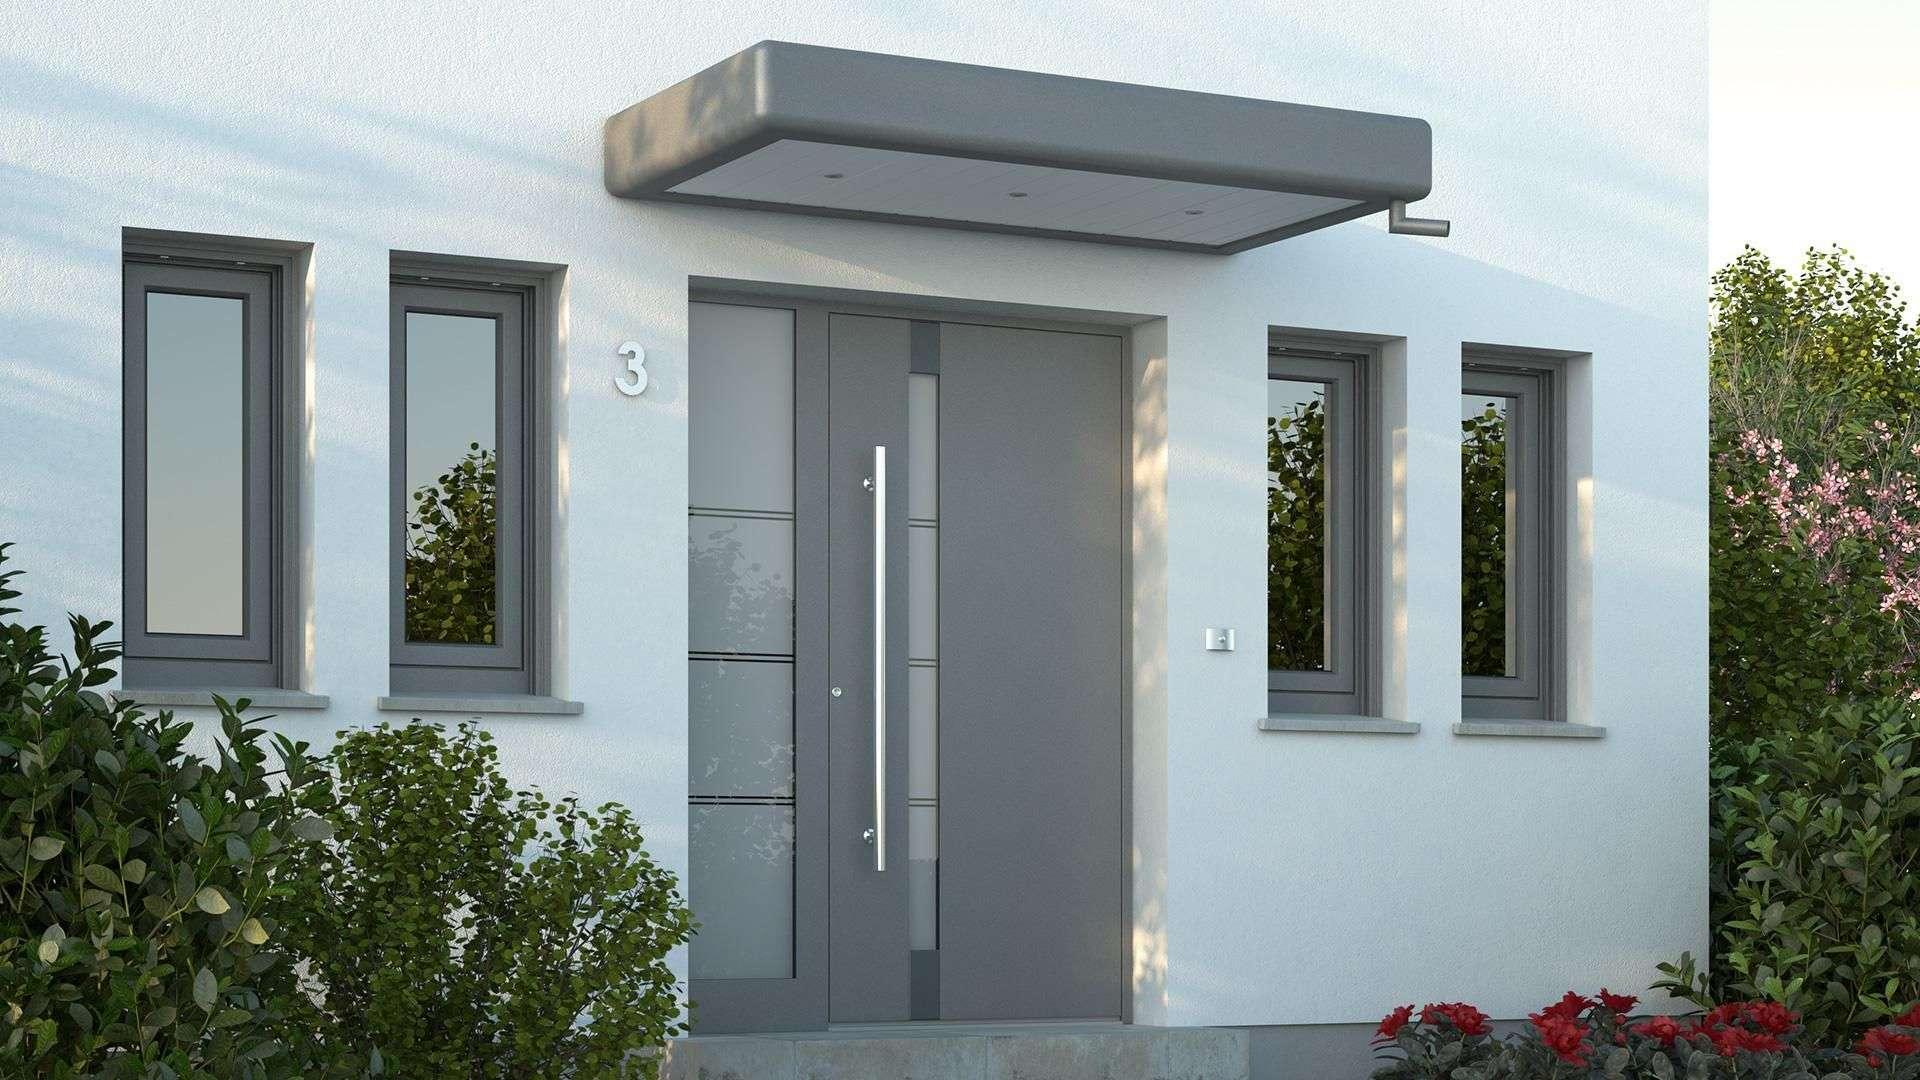 Eine graue Haustür in modernem Design.